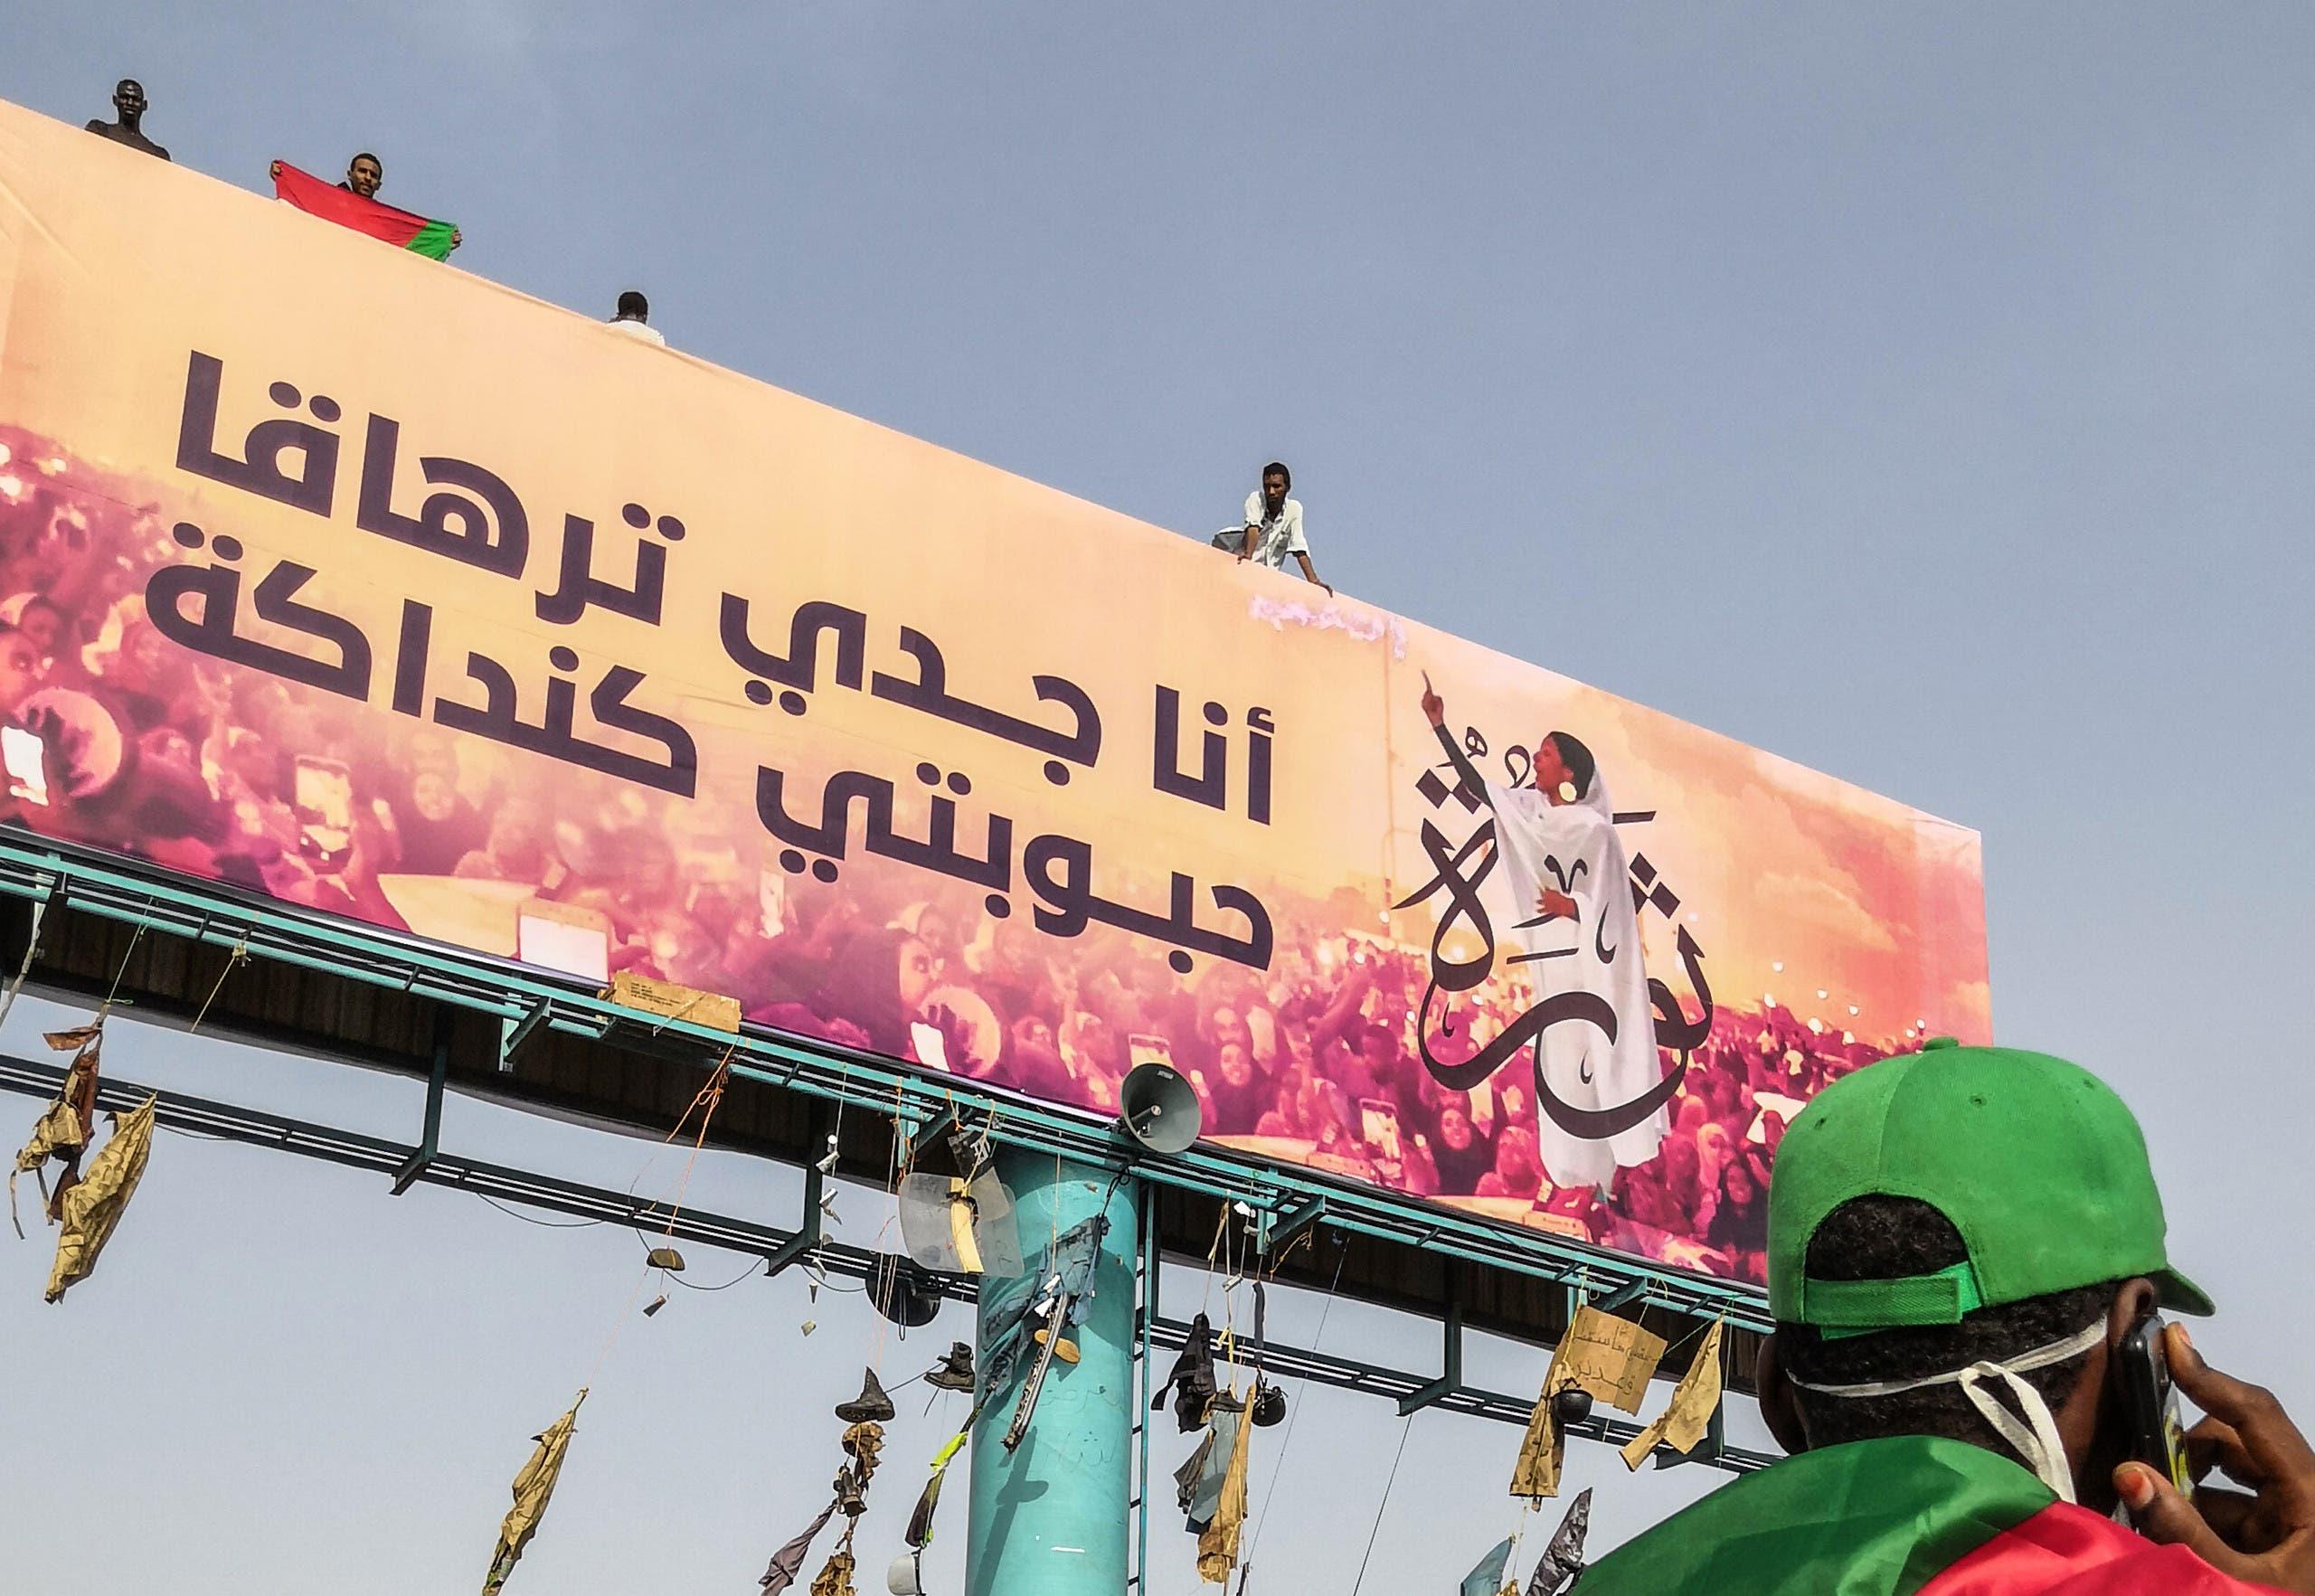 من تسقط وبس إلى كوز هذه معاني صرخات السودانيين